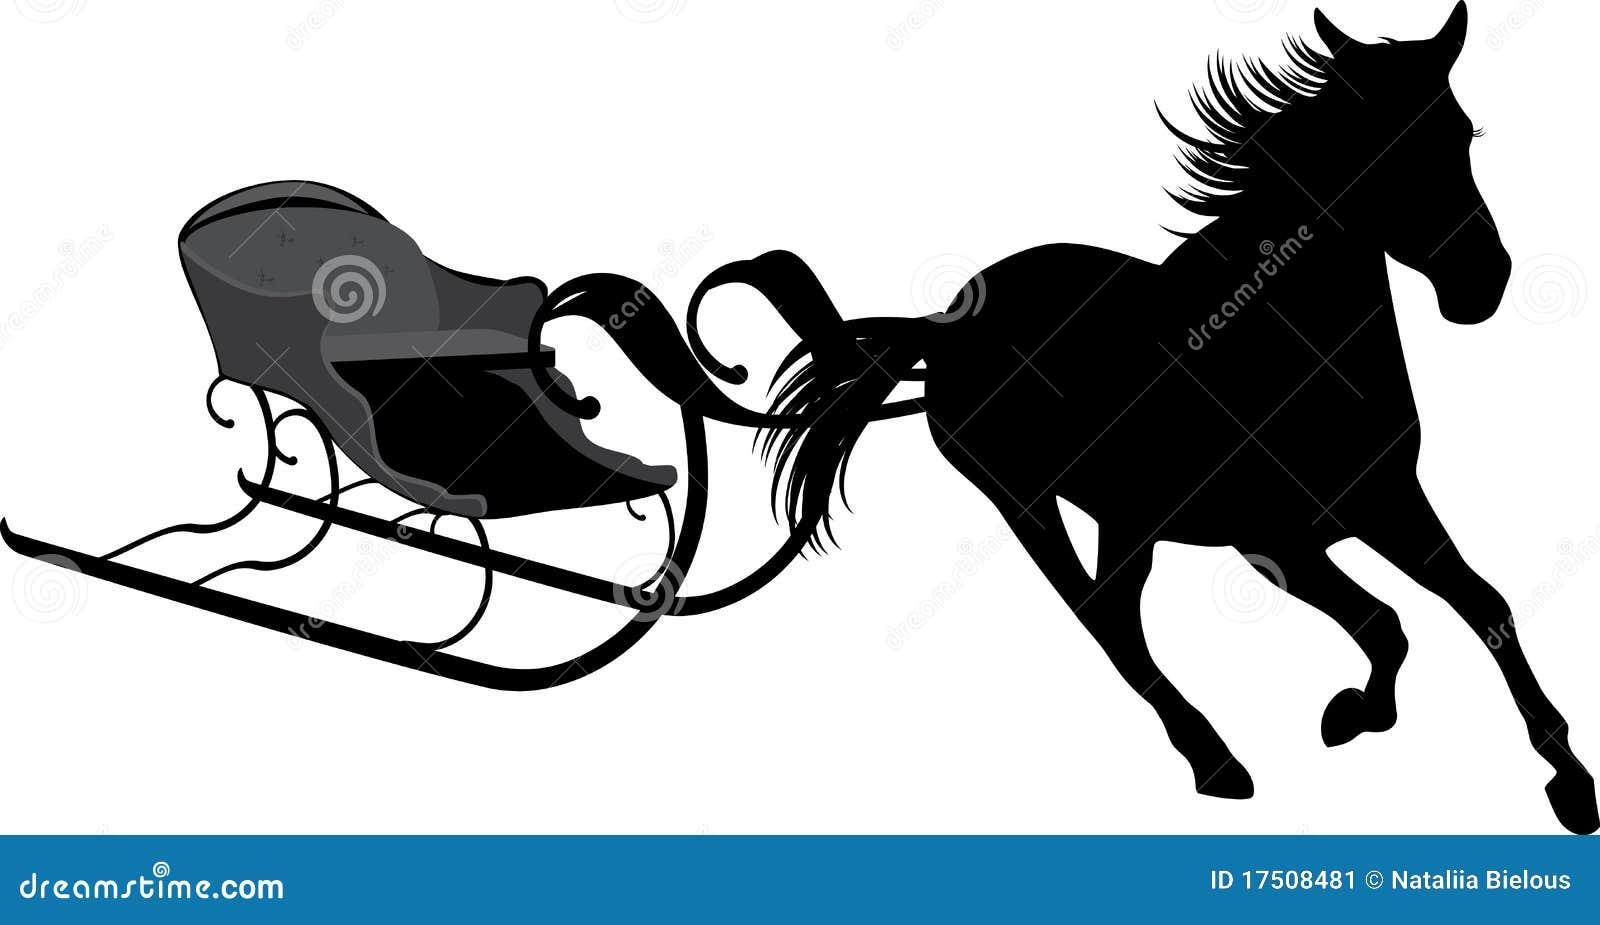 дед мороз на санях с лошадьми картинки силуэт ужасно себя